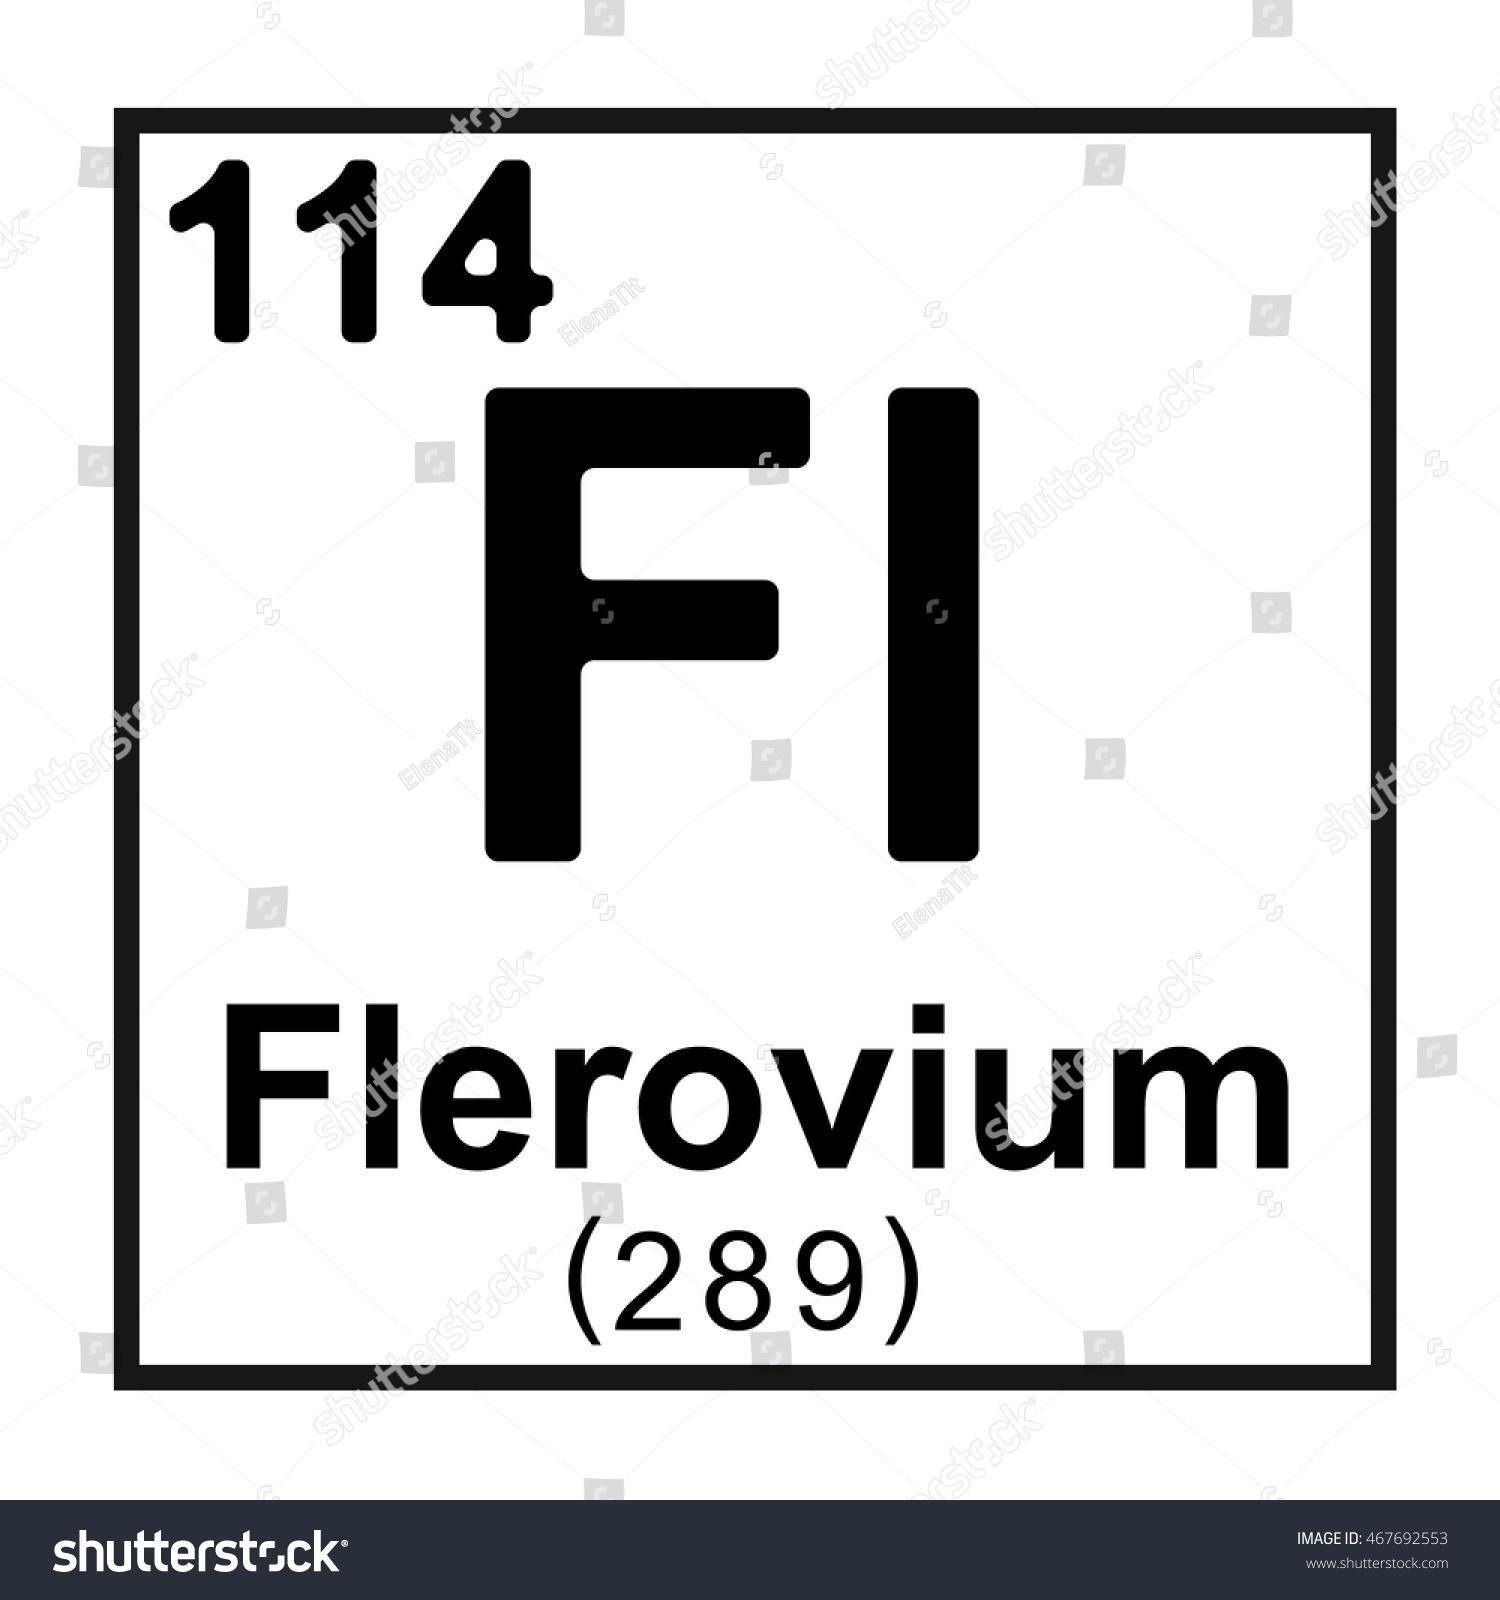 Periodic table element flerovium stock vector 467692553 shutterstock periodic table element flerovium gamestrikefo Images